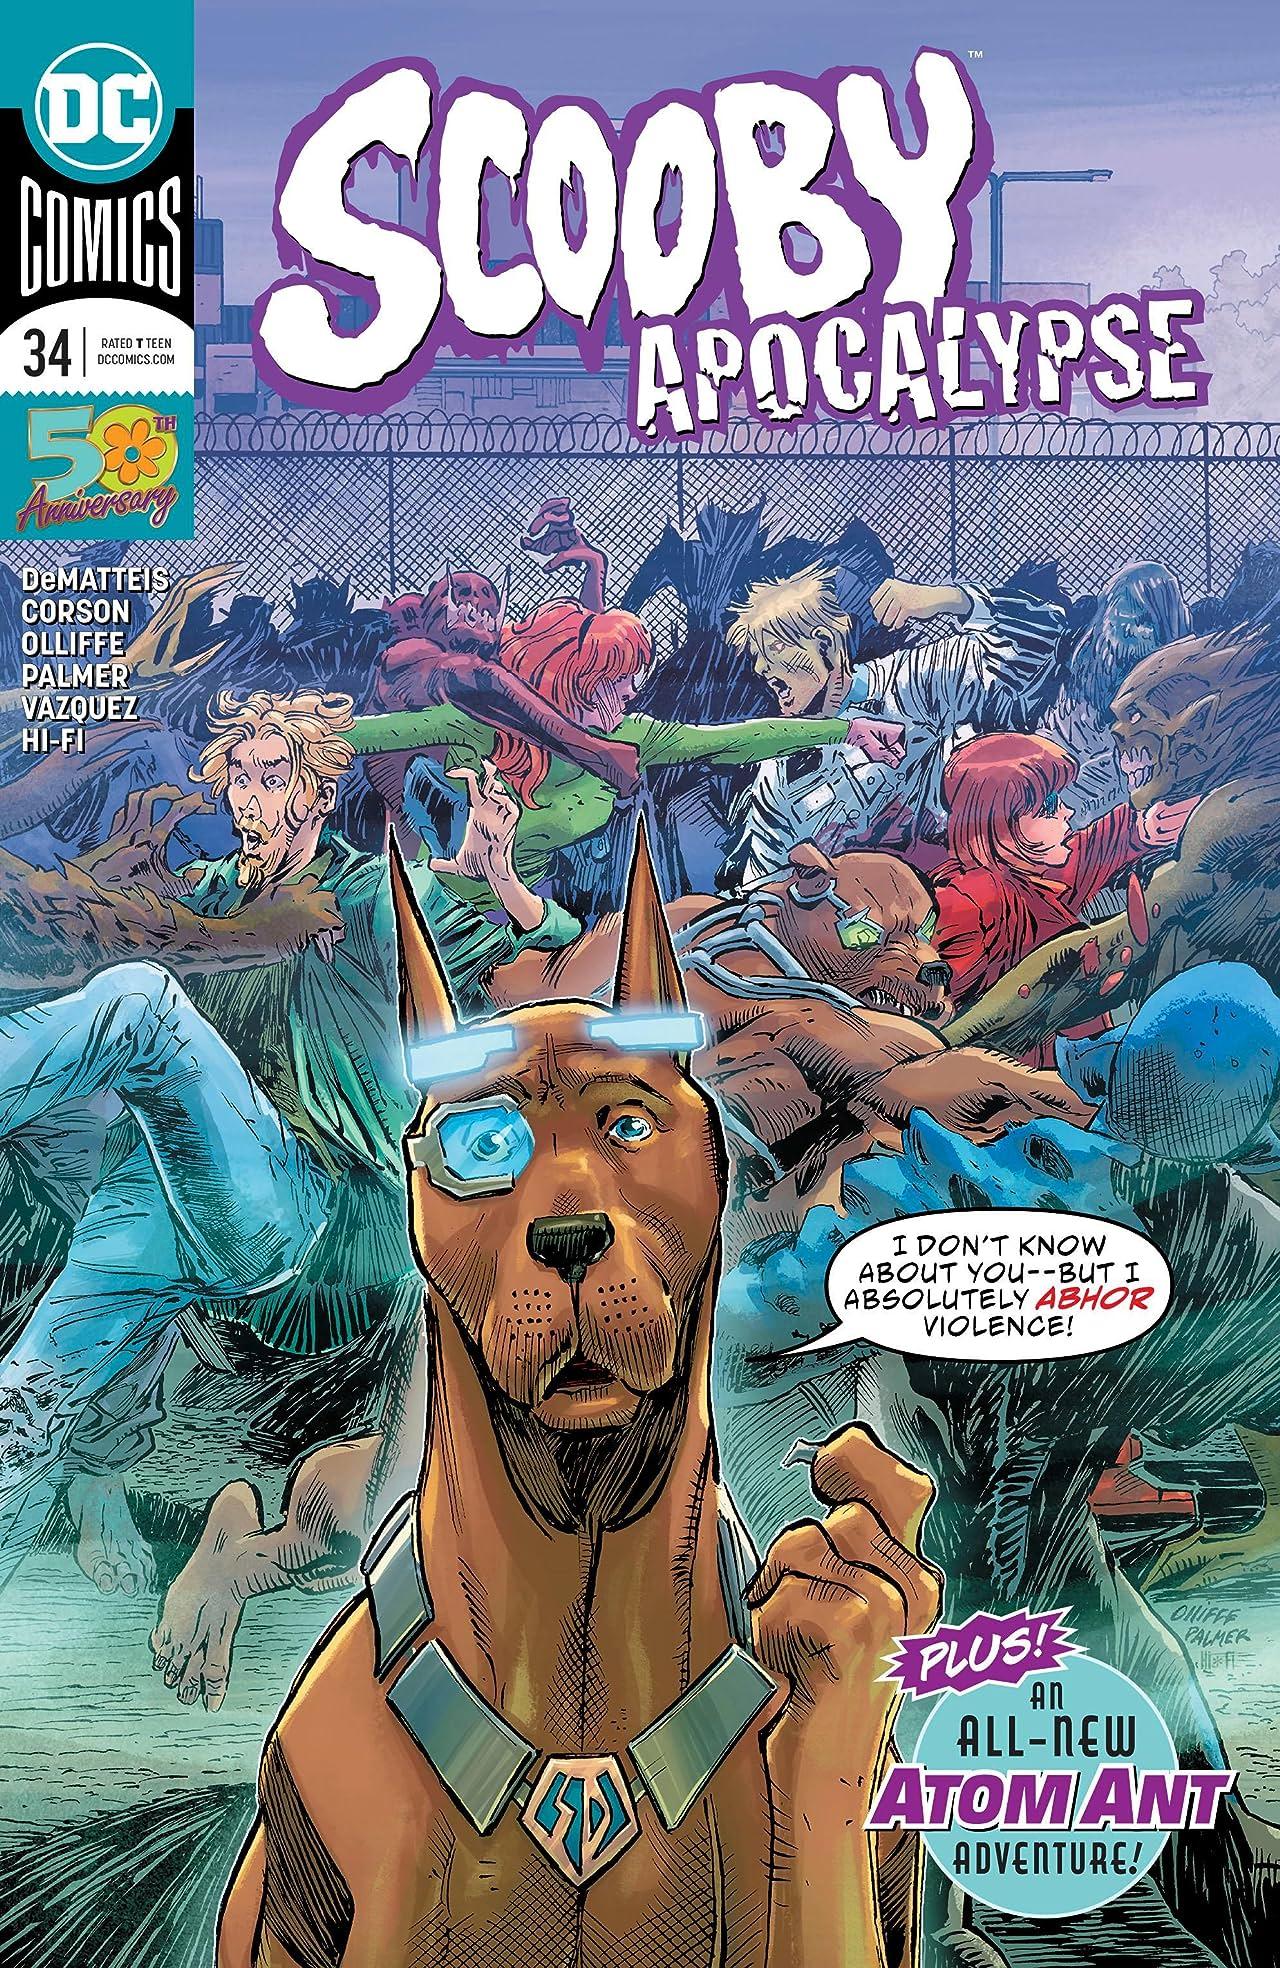 Scooby Apocalypse (2016-) #34